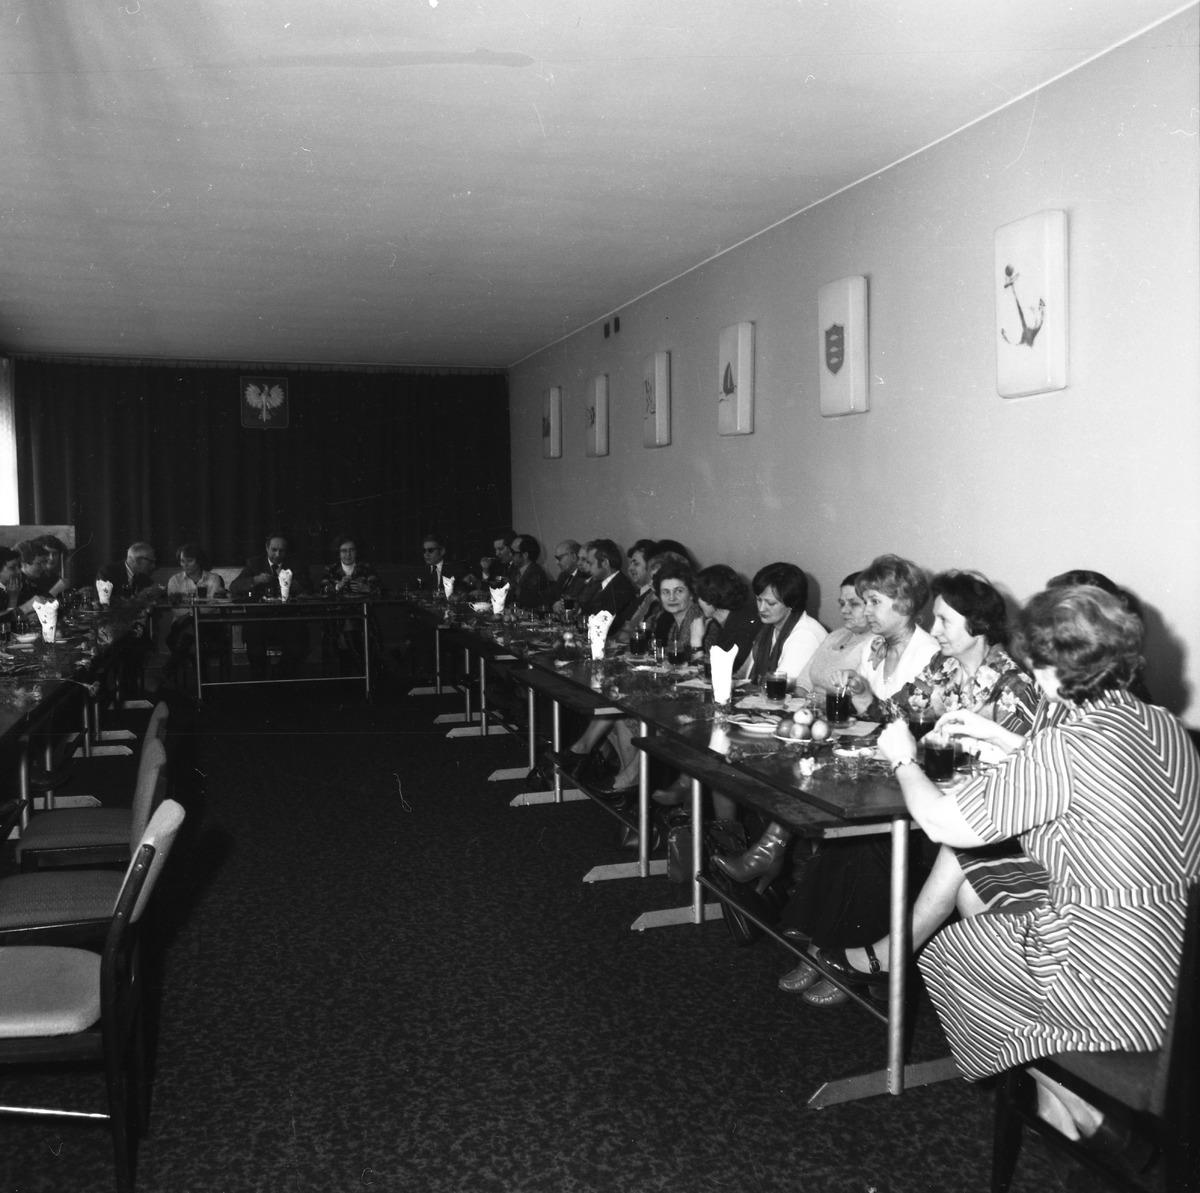 Obchody Dnia Pracownika Służby Zdrowia, 1979 r.